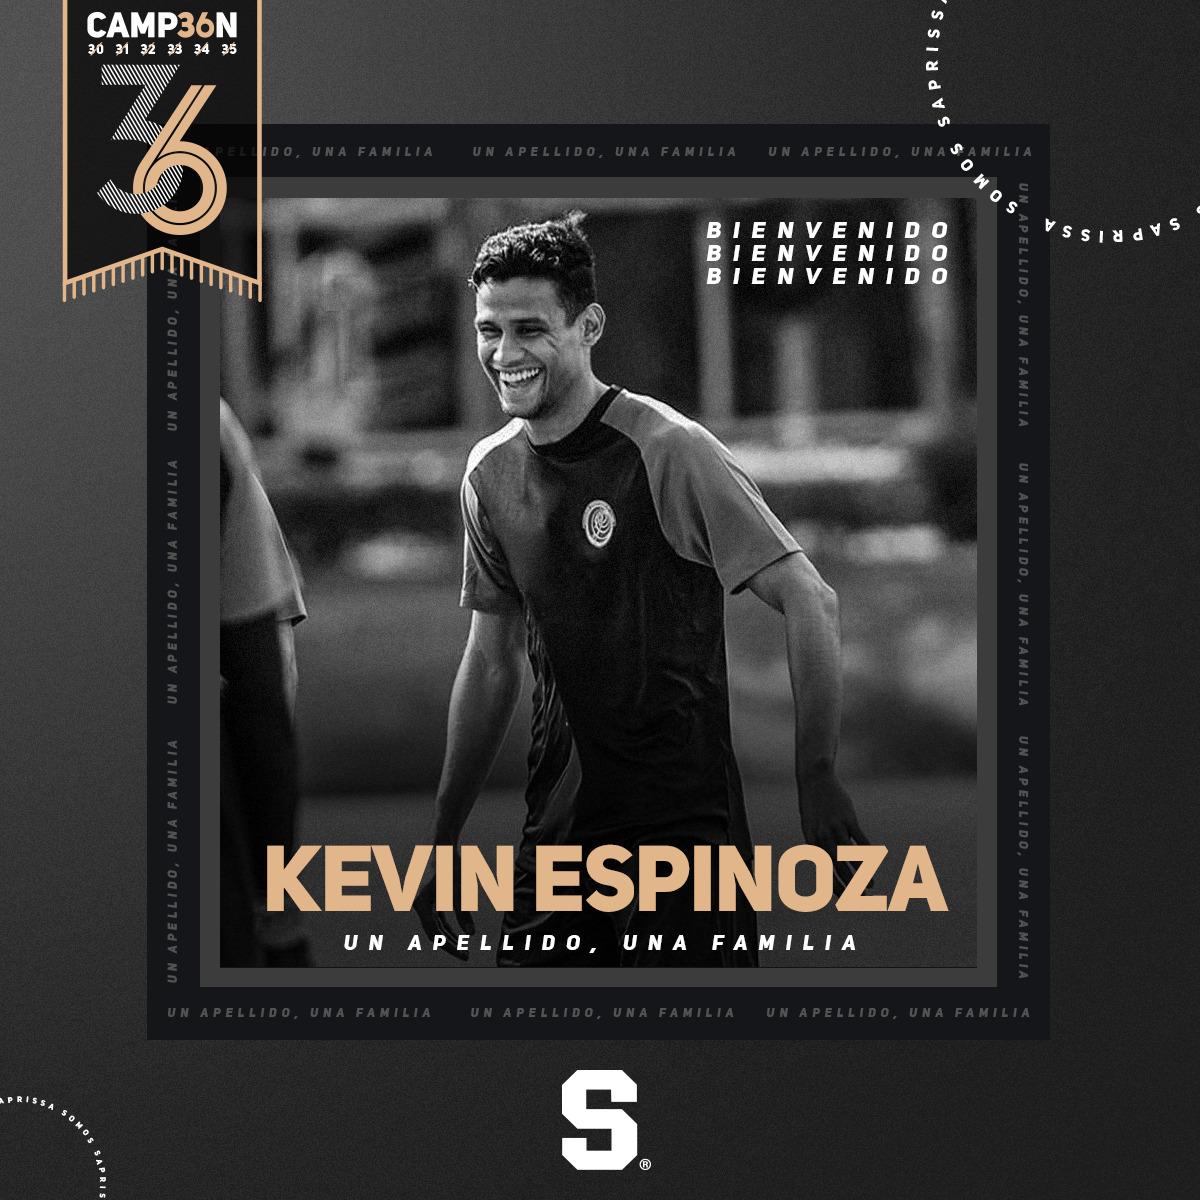 El defensor Kevin Espinoza es el primer refuerzo del Saprissa para el próximo torneo.